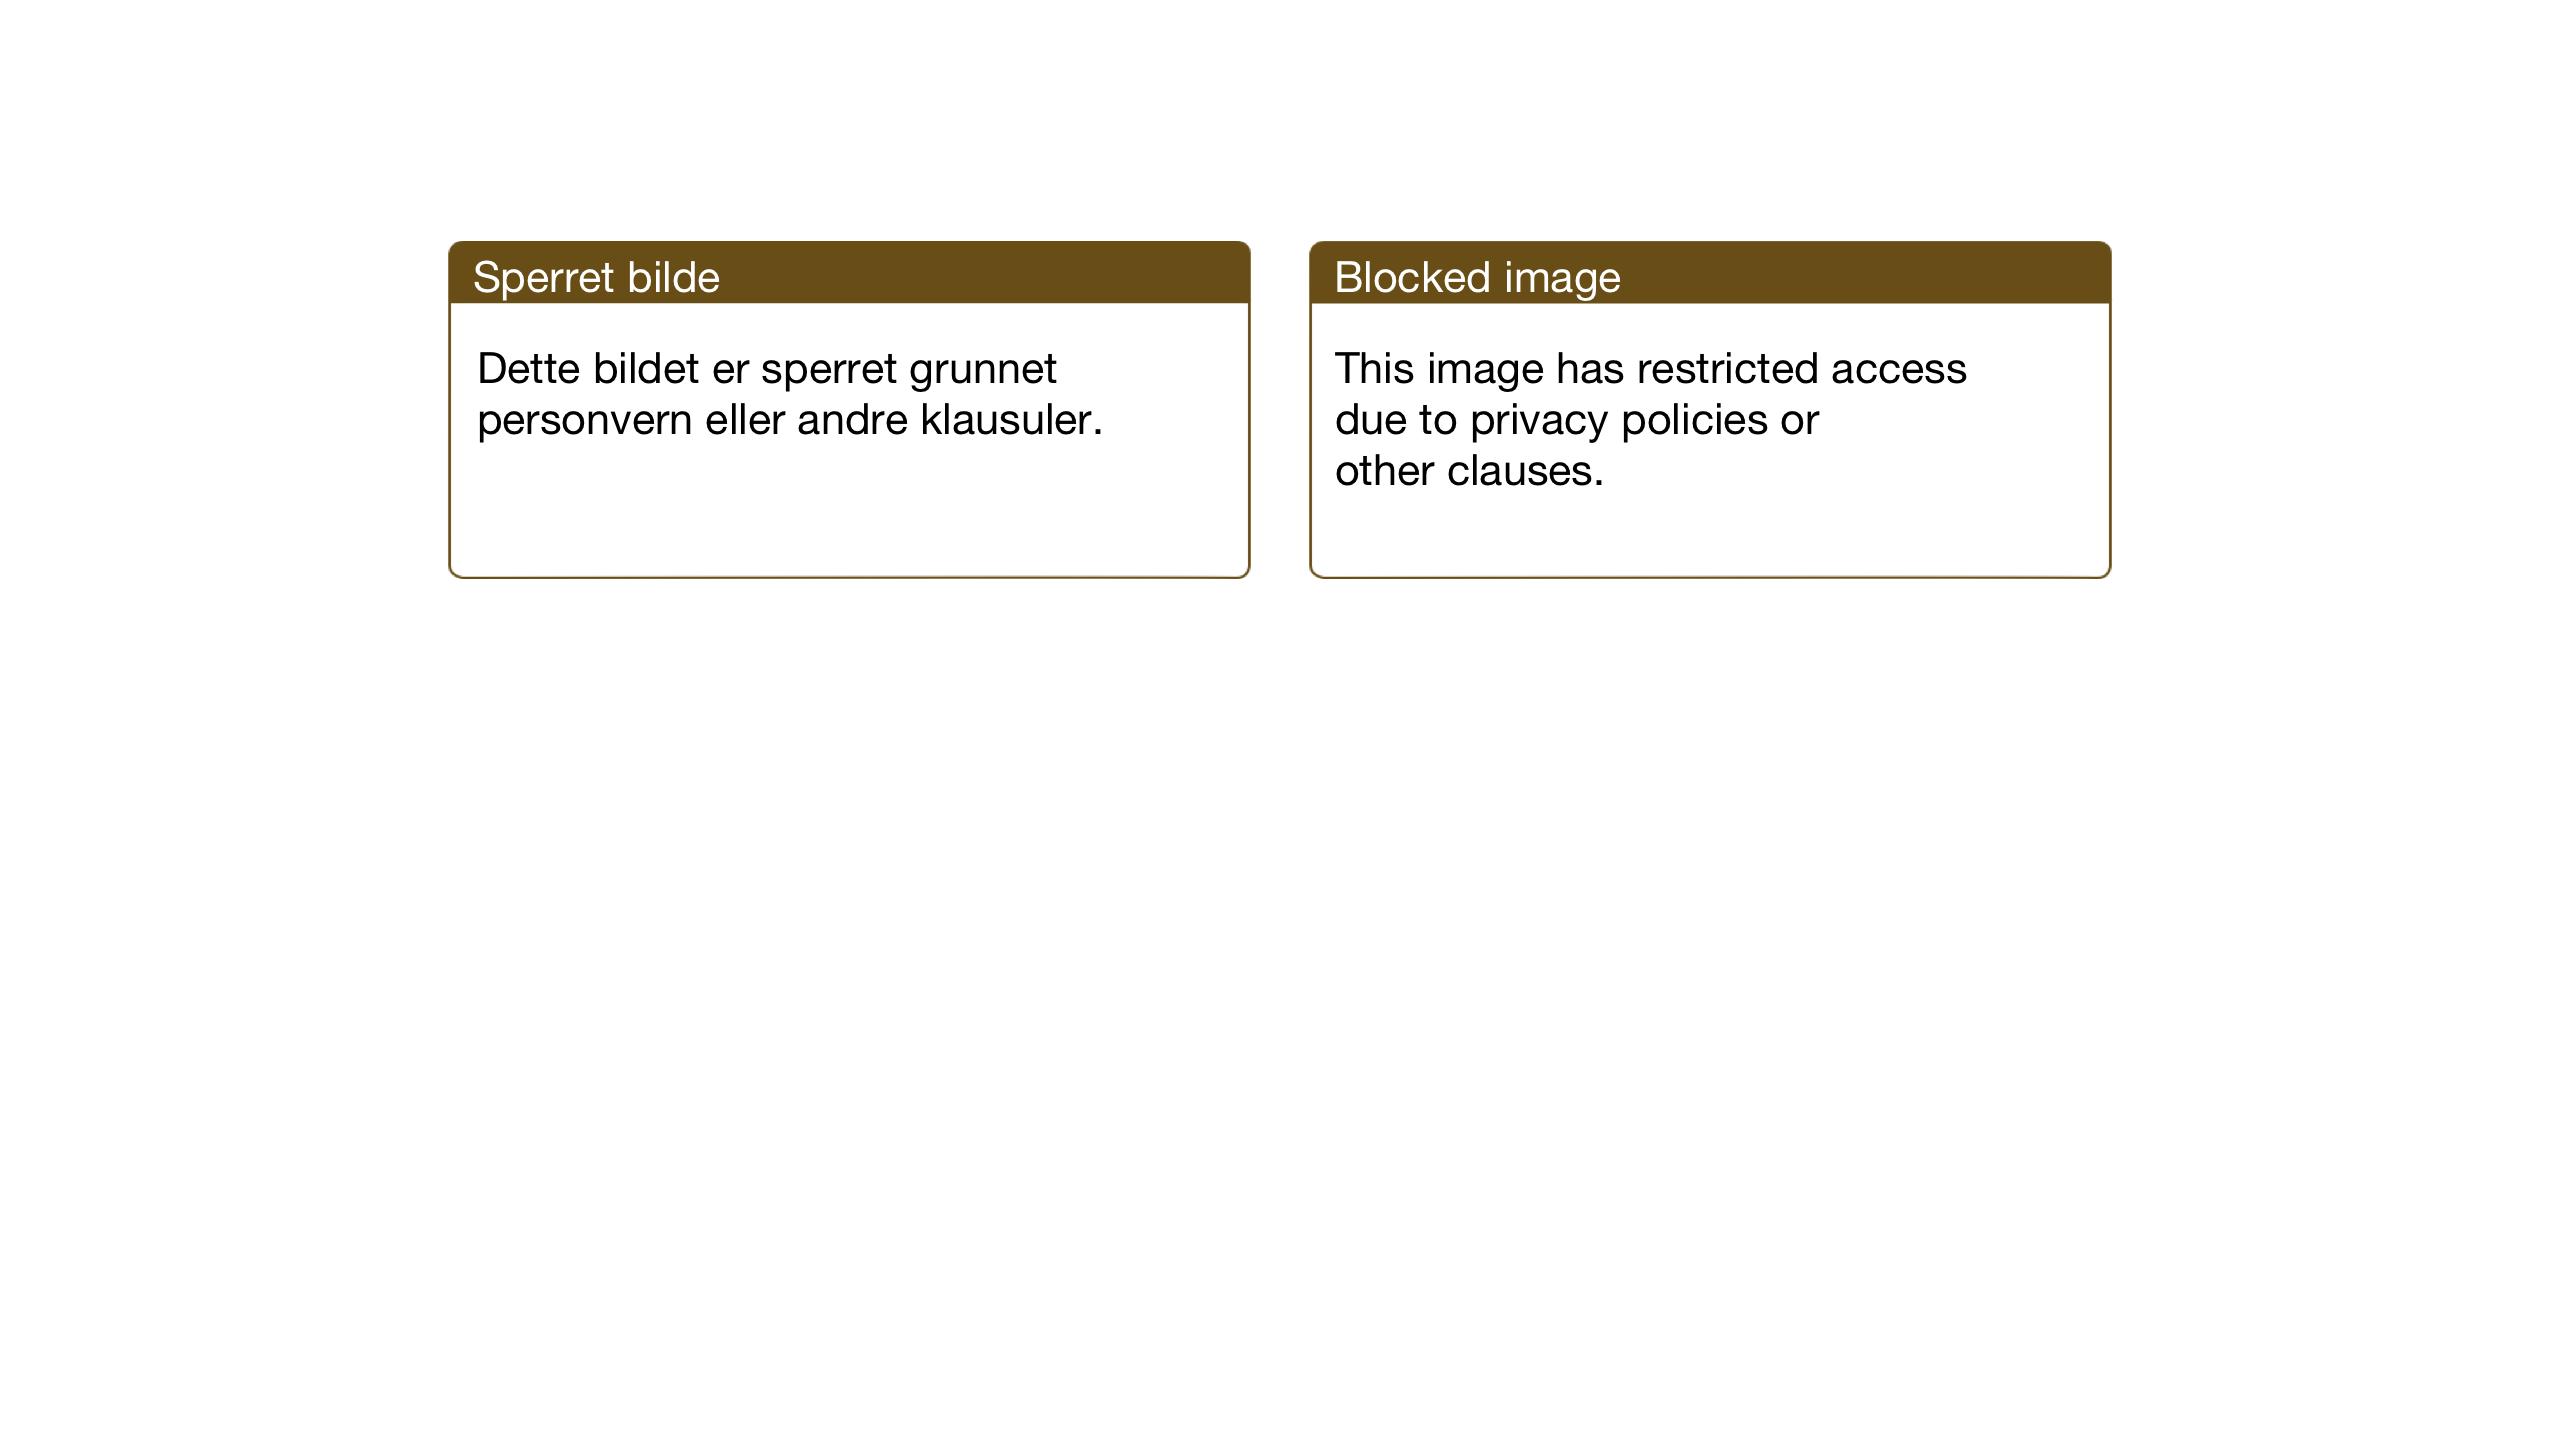 SAT, Ministerialprotokoller, klokkerbøker og fødselsregistre - Nord-Trøndelag, 755/L0500: Klokkerbok nr. 755C01, 1920-1962, s. 172